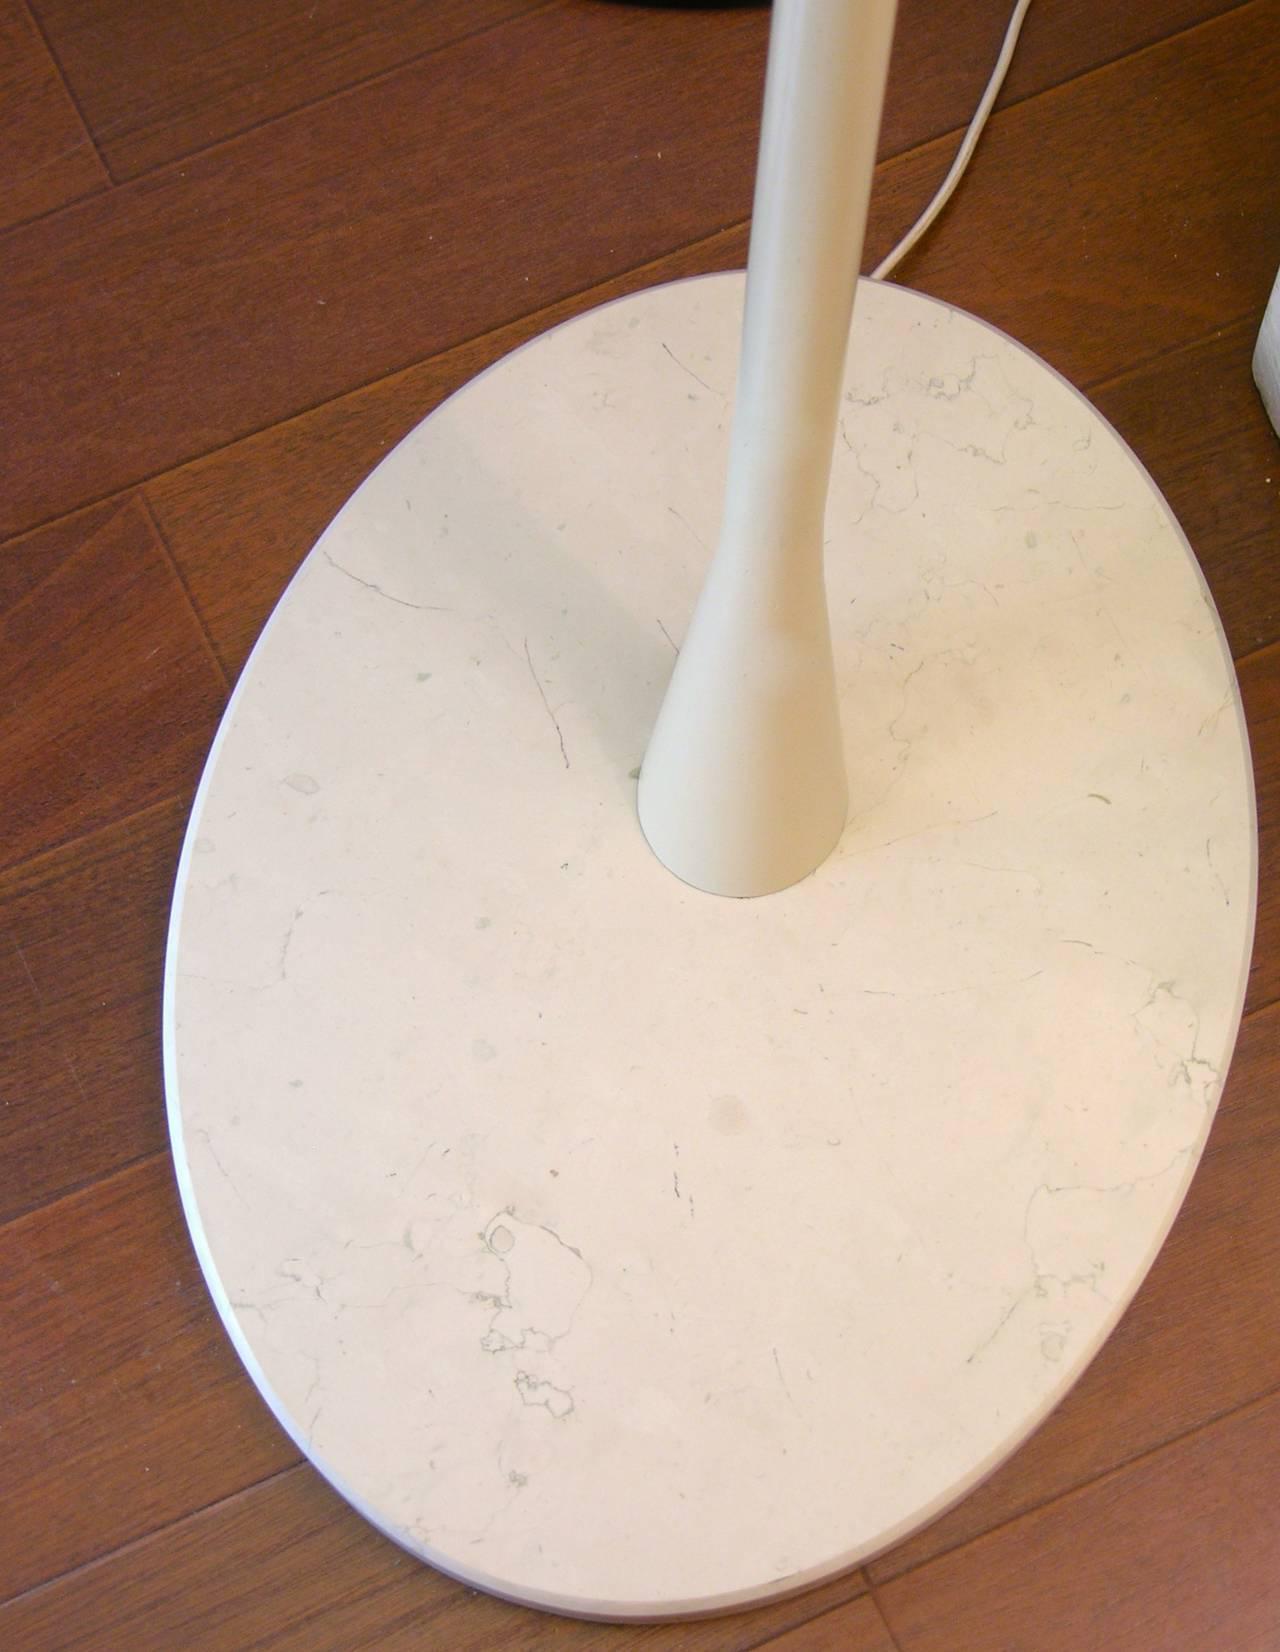 1960s Italian Black and Ivory White Modern Floor Lamp in the Style of Stilnovo For Sale 2